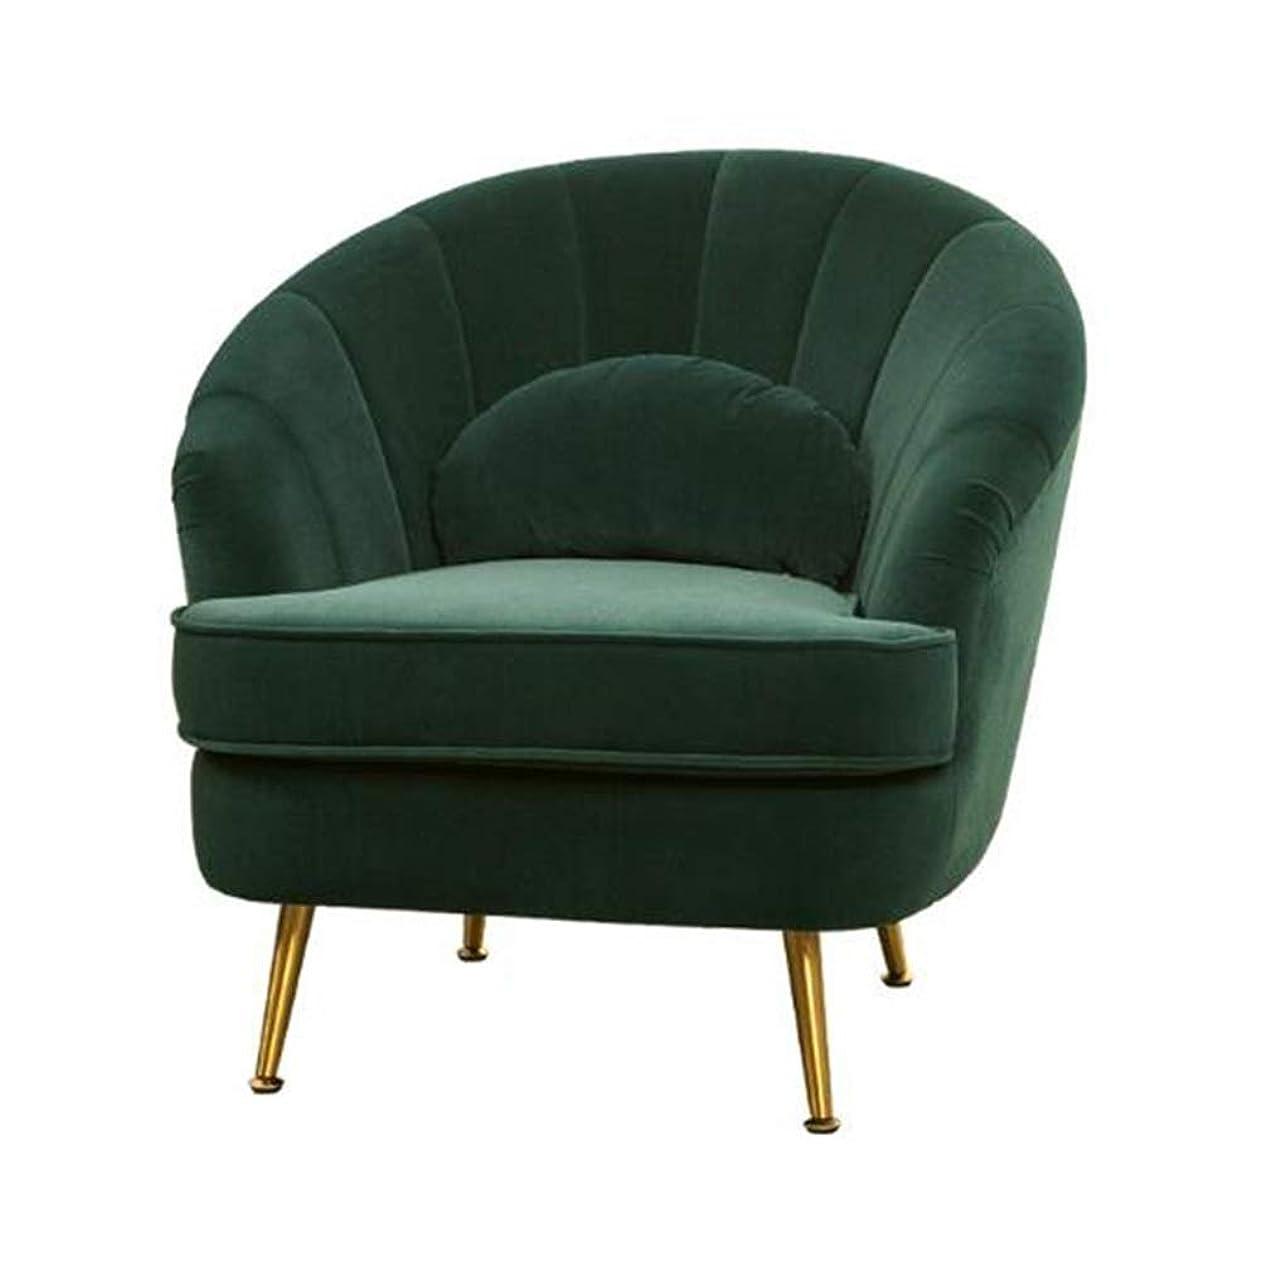 グリース連邦出版YQQ-怠惰なソファ 現代のスエード生地アームチェア浴槽時々椅子付きリビングルーム寝室レセプション現代 (Color : Green)